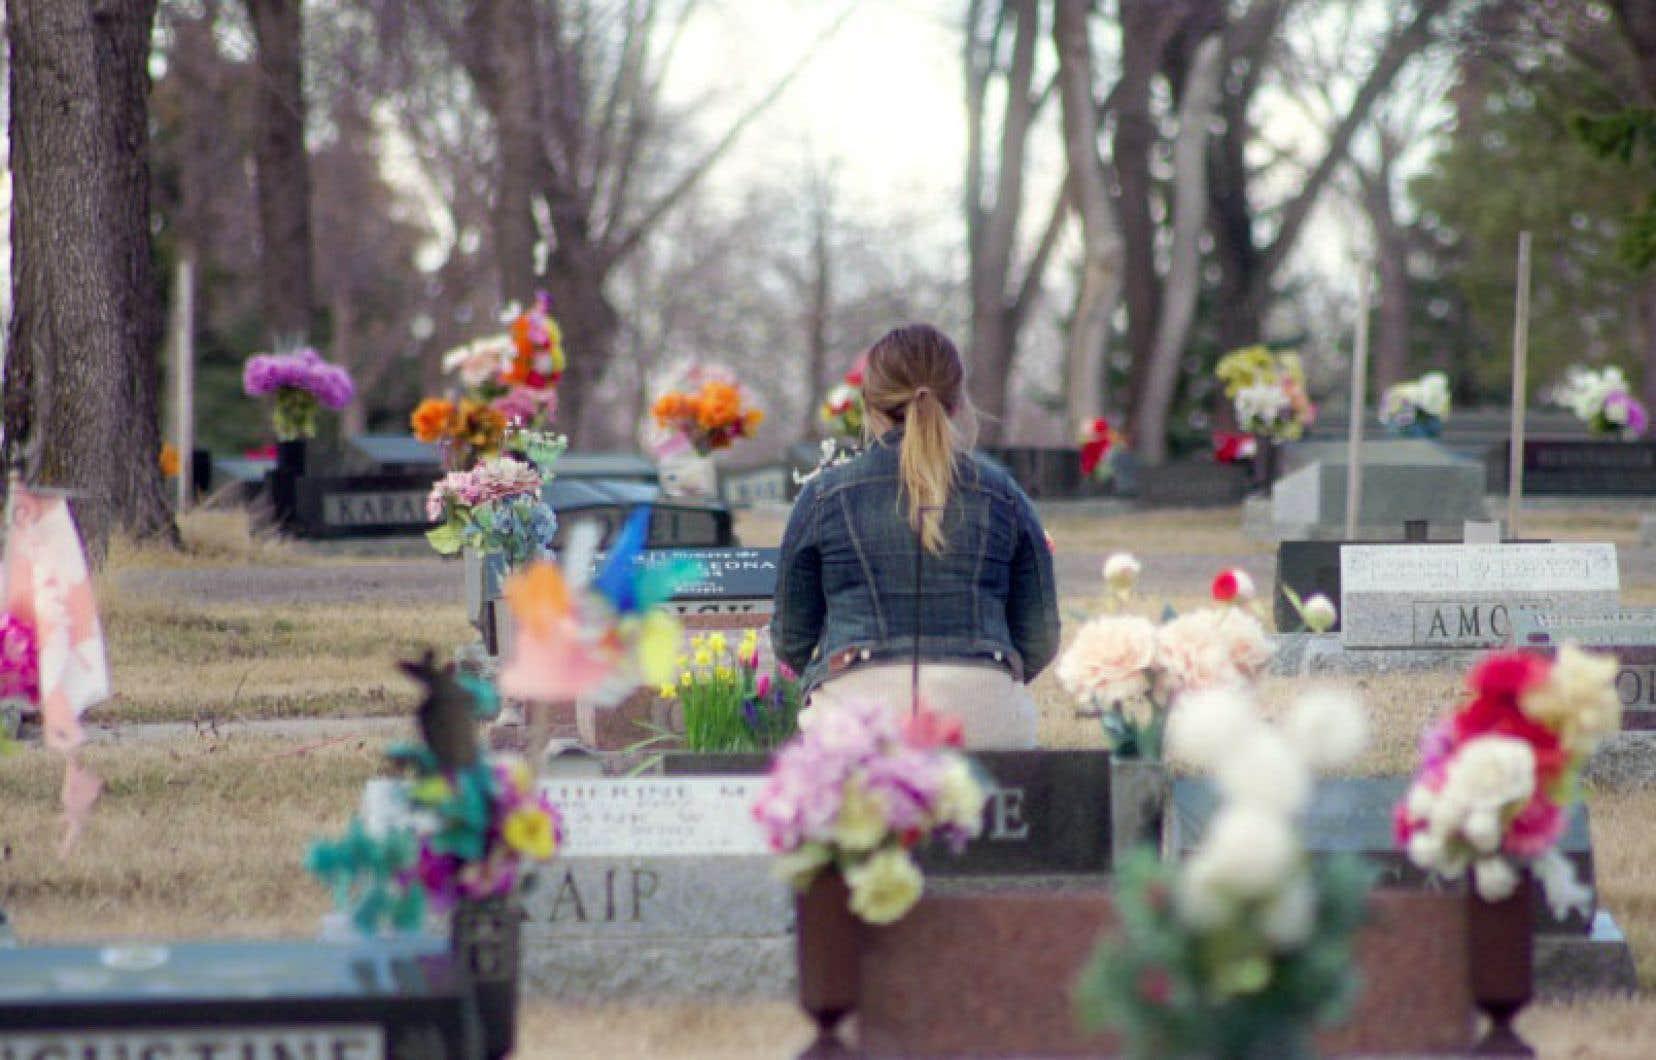 Quiconque a perdu un parent sans avoir eu le temps de faire ses adieux risque de se reconnaître dans cette quête pourtant très personnelle.